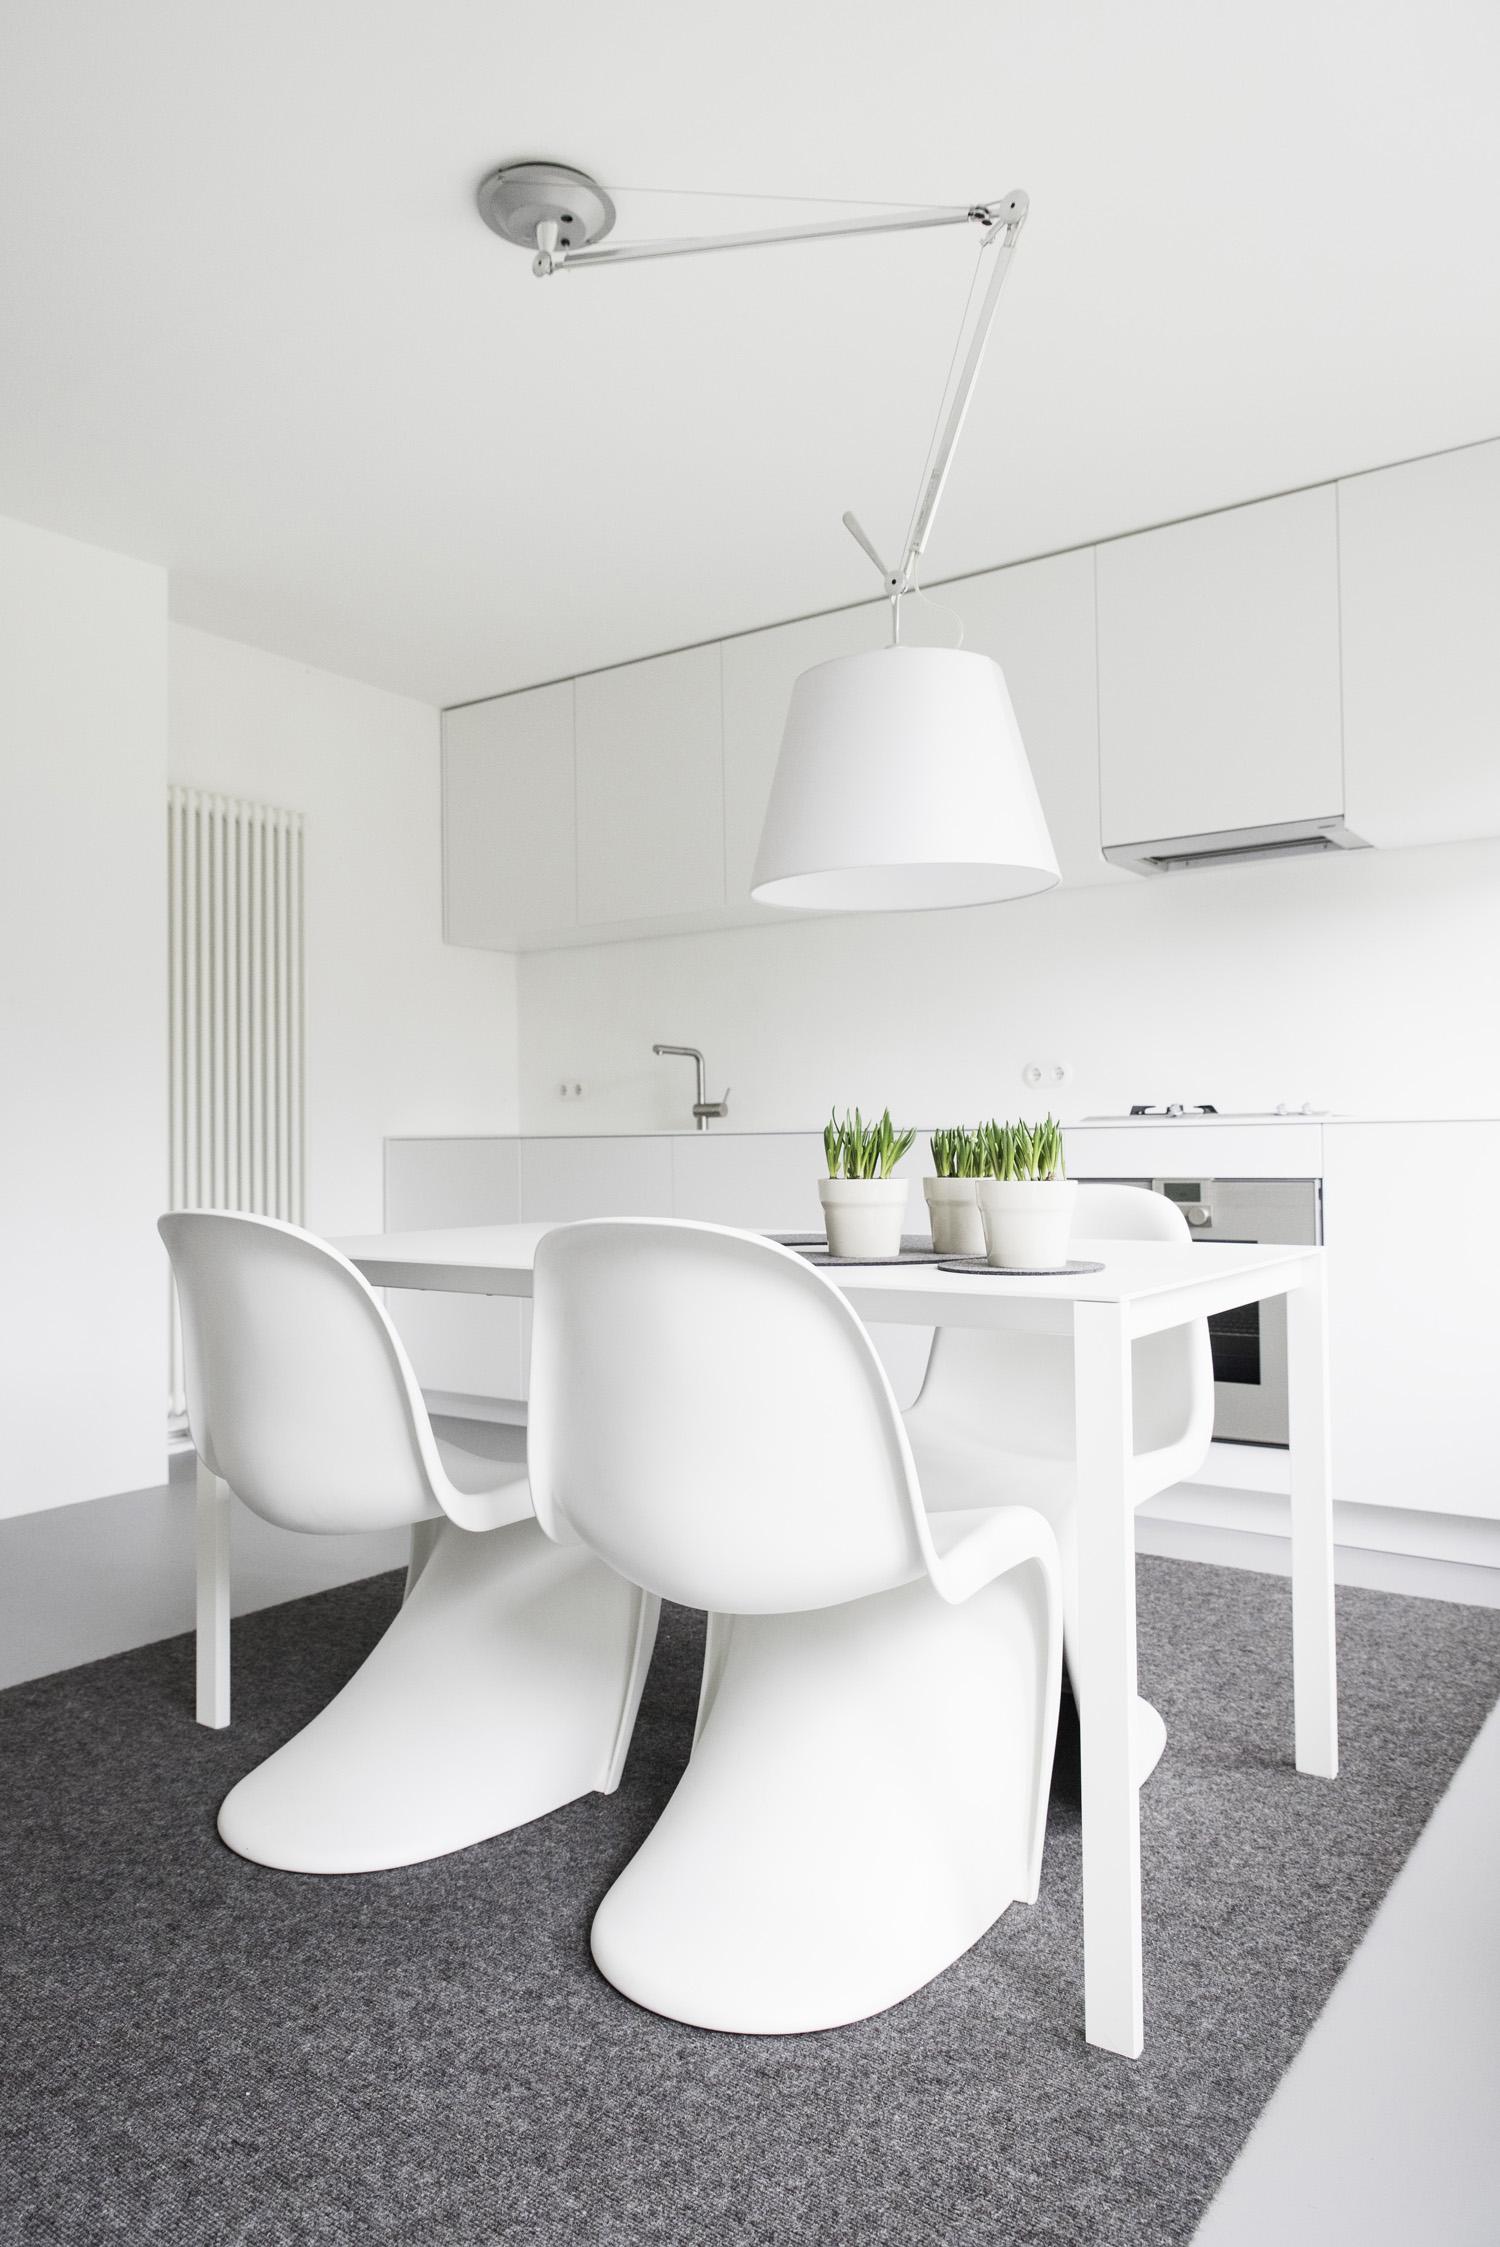 Best of interior medienservice architektur und bauwesen for Innenraum planen